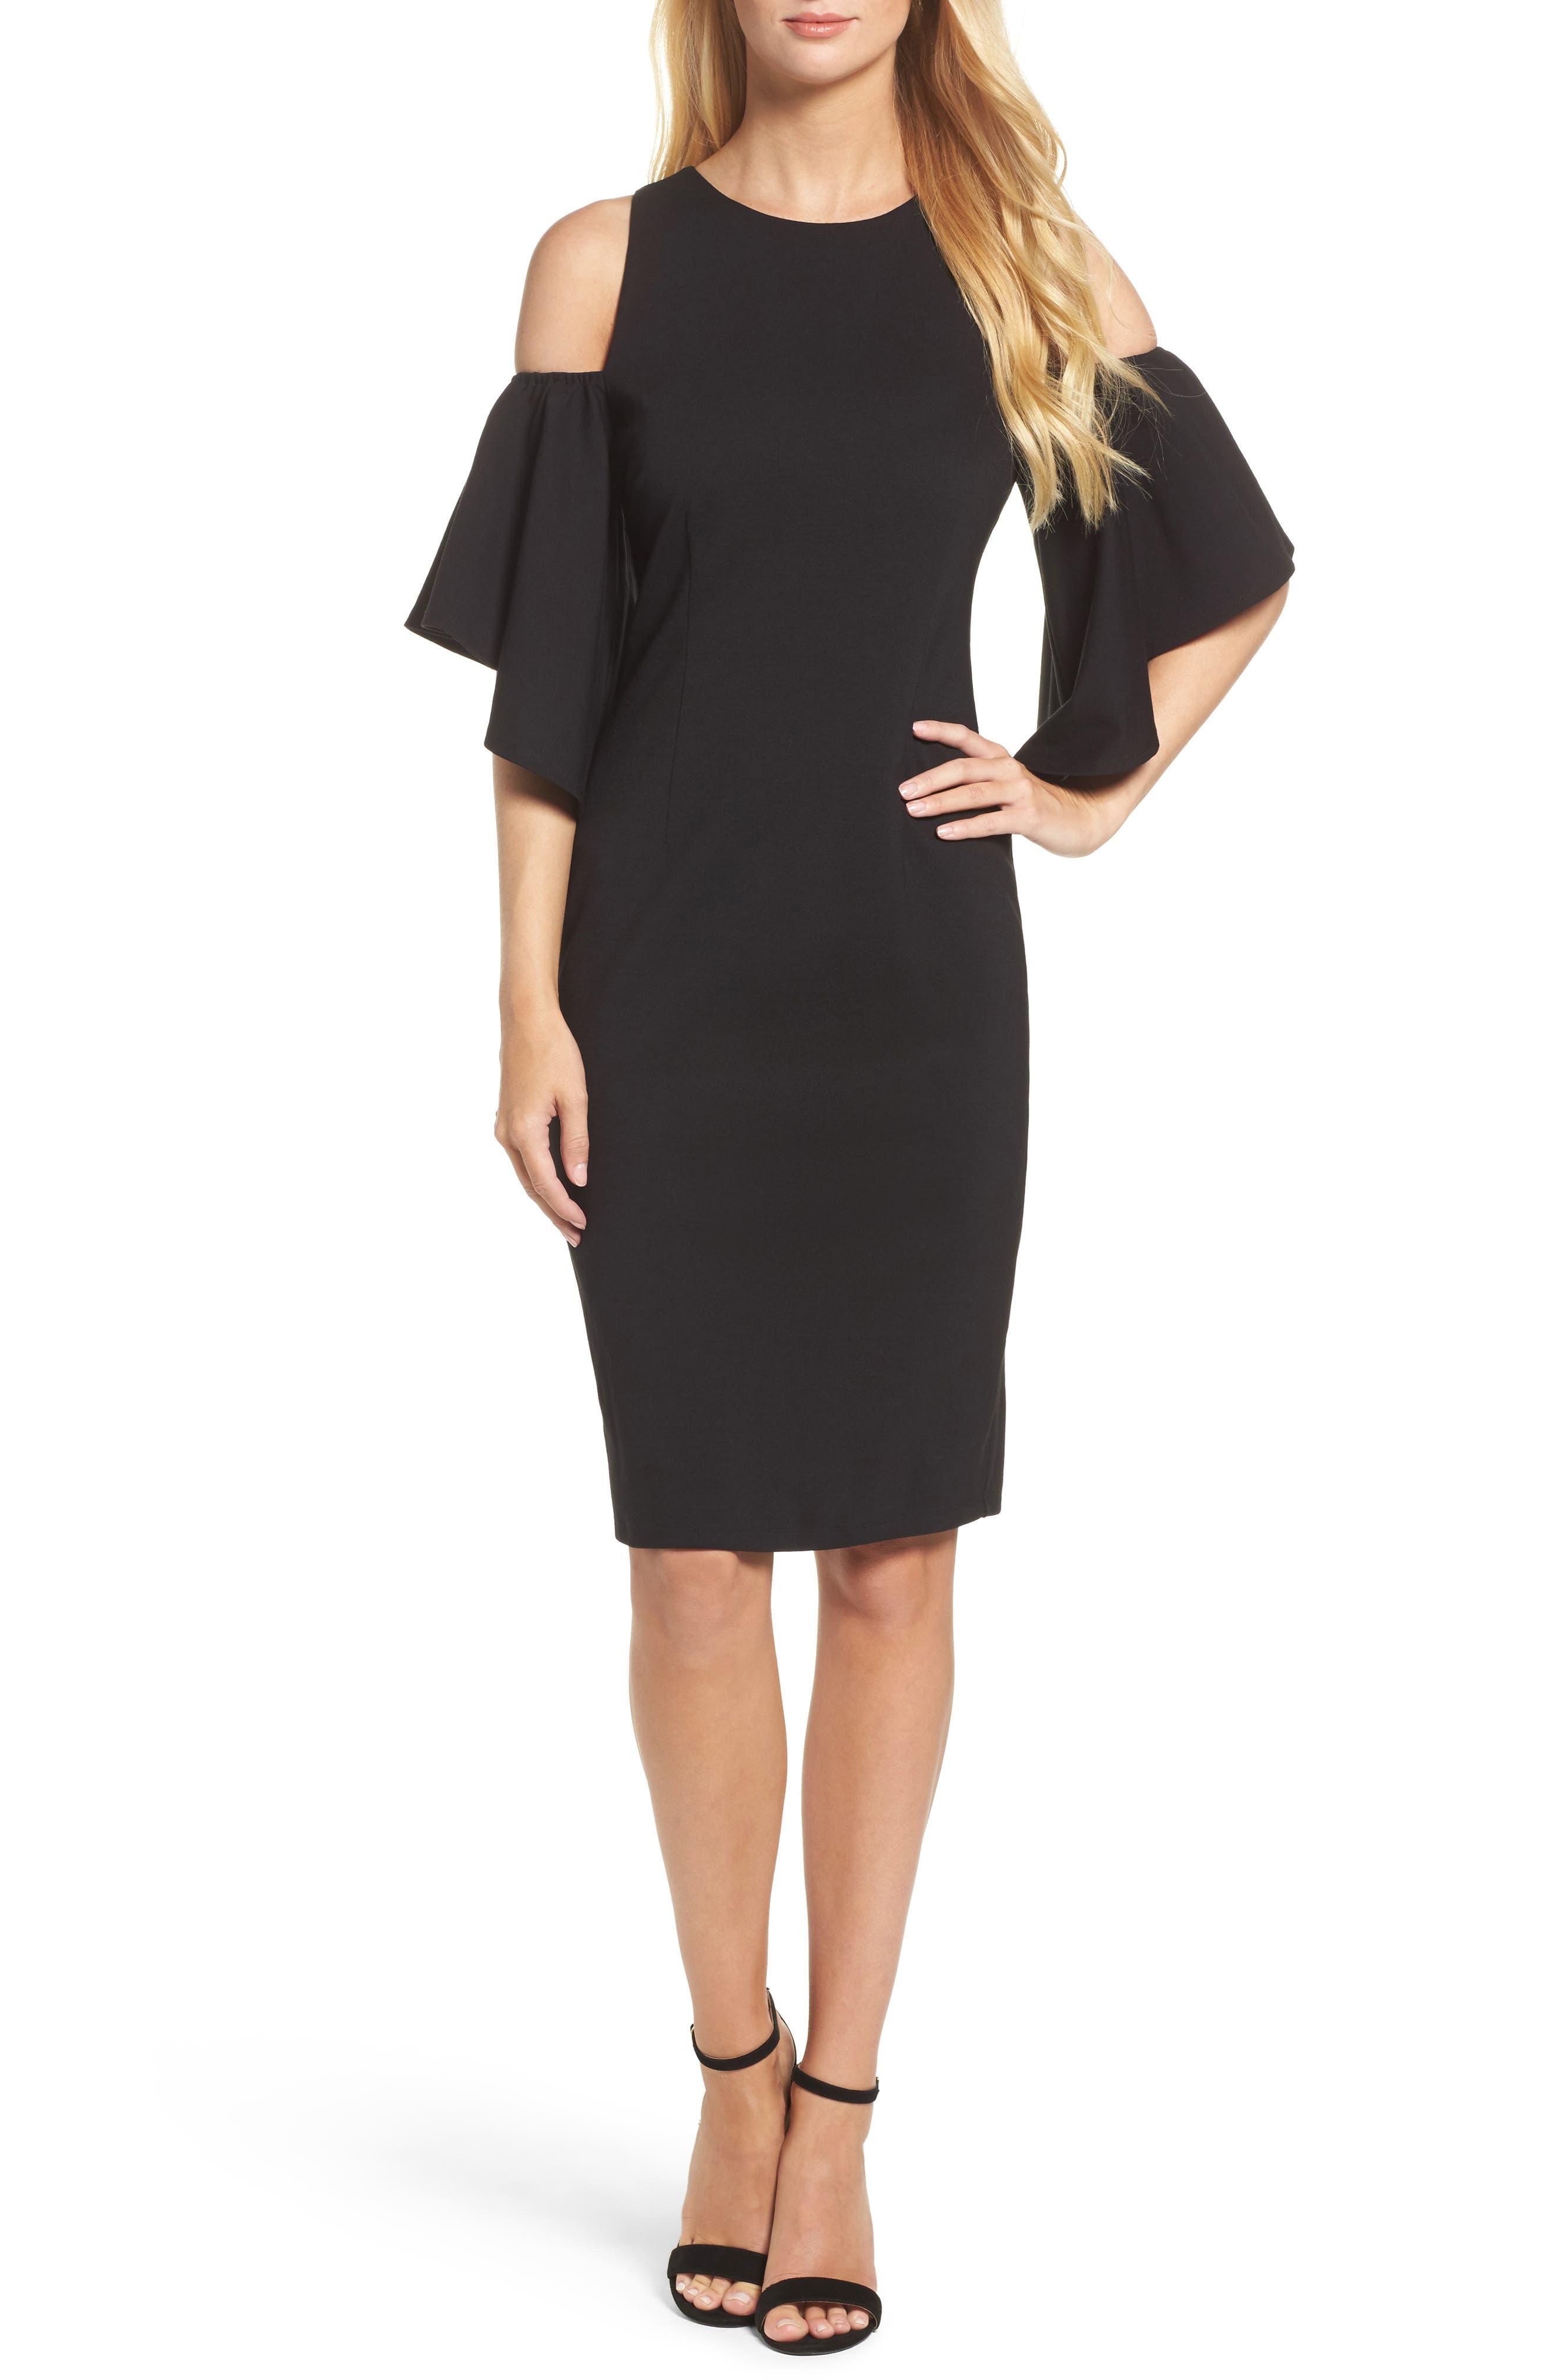 Alternate Image 1 Selected - Eliza J Cold Shoulder Sheath Dress